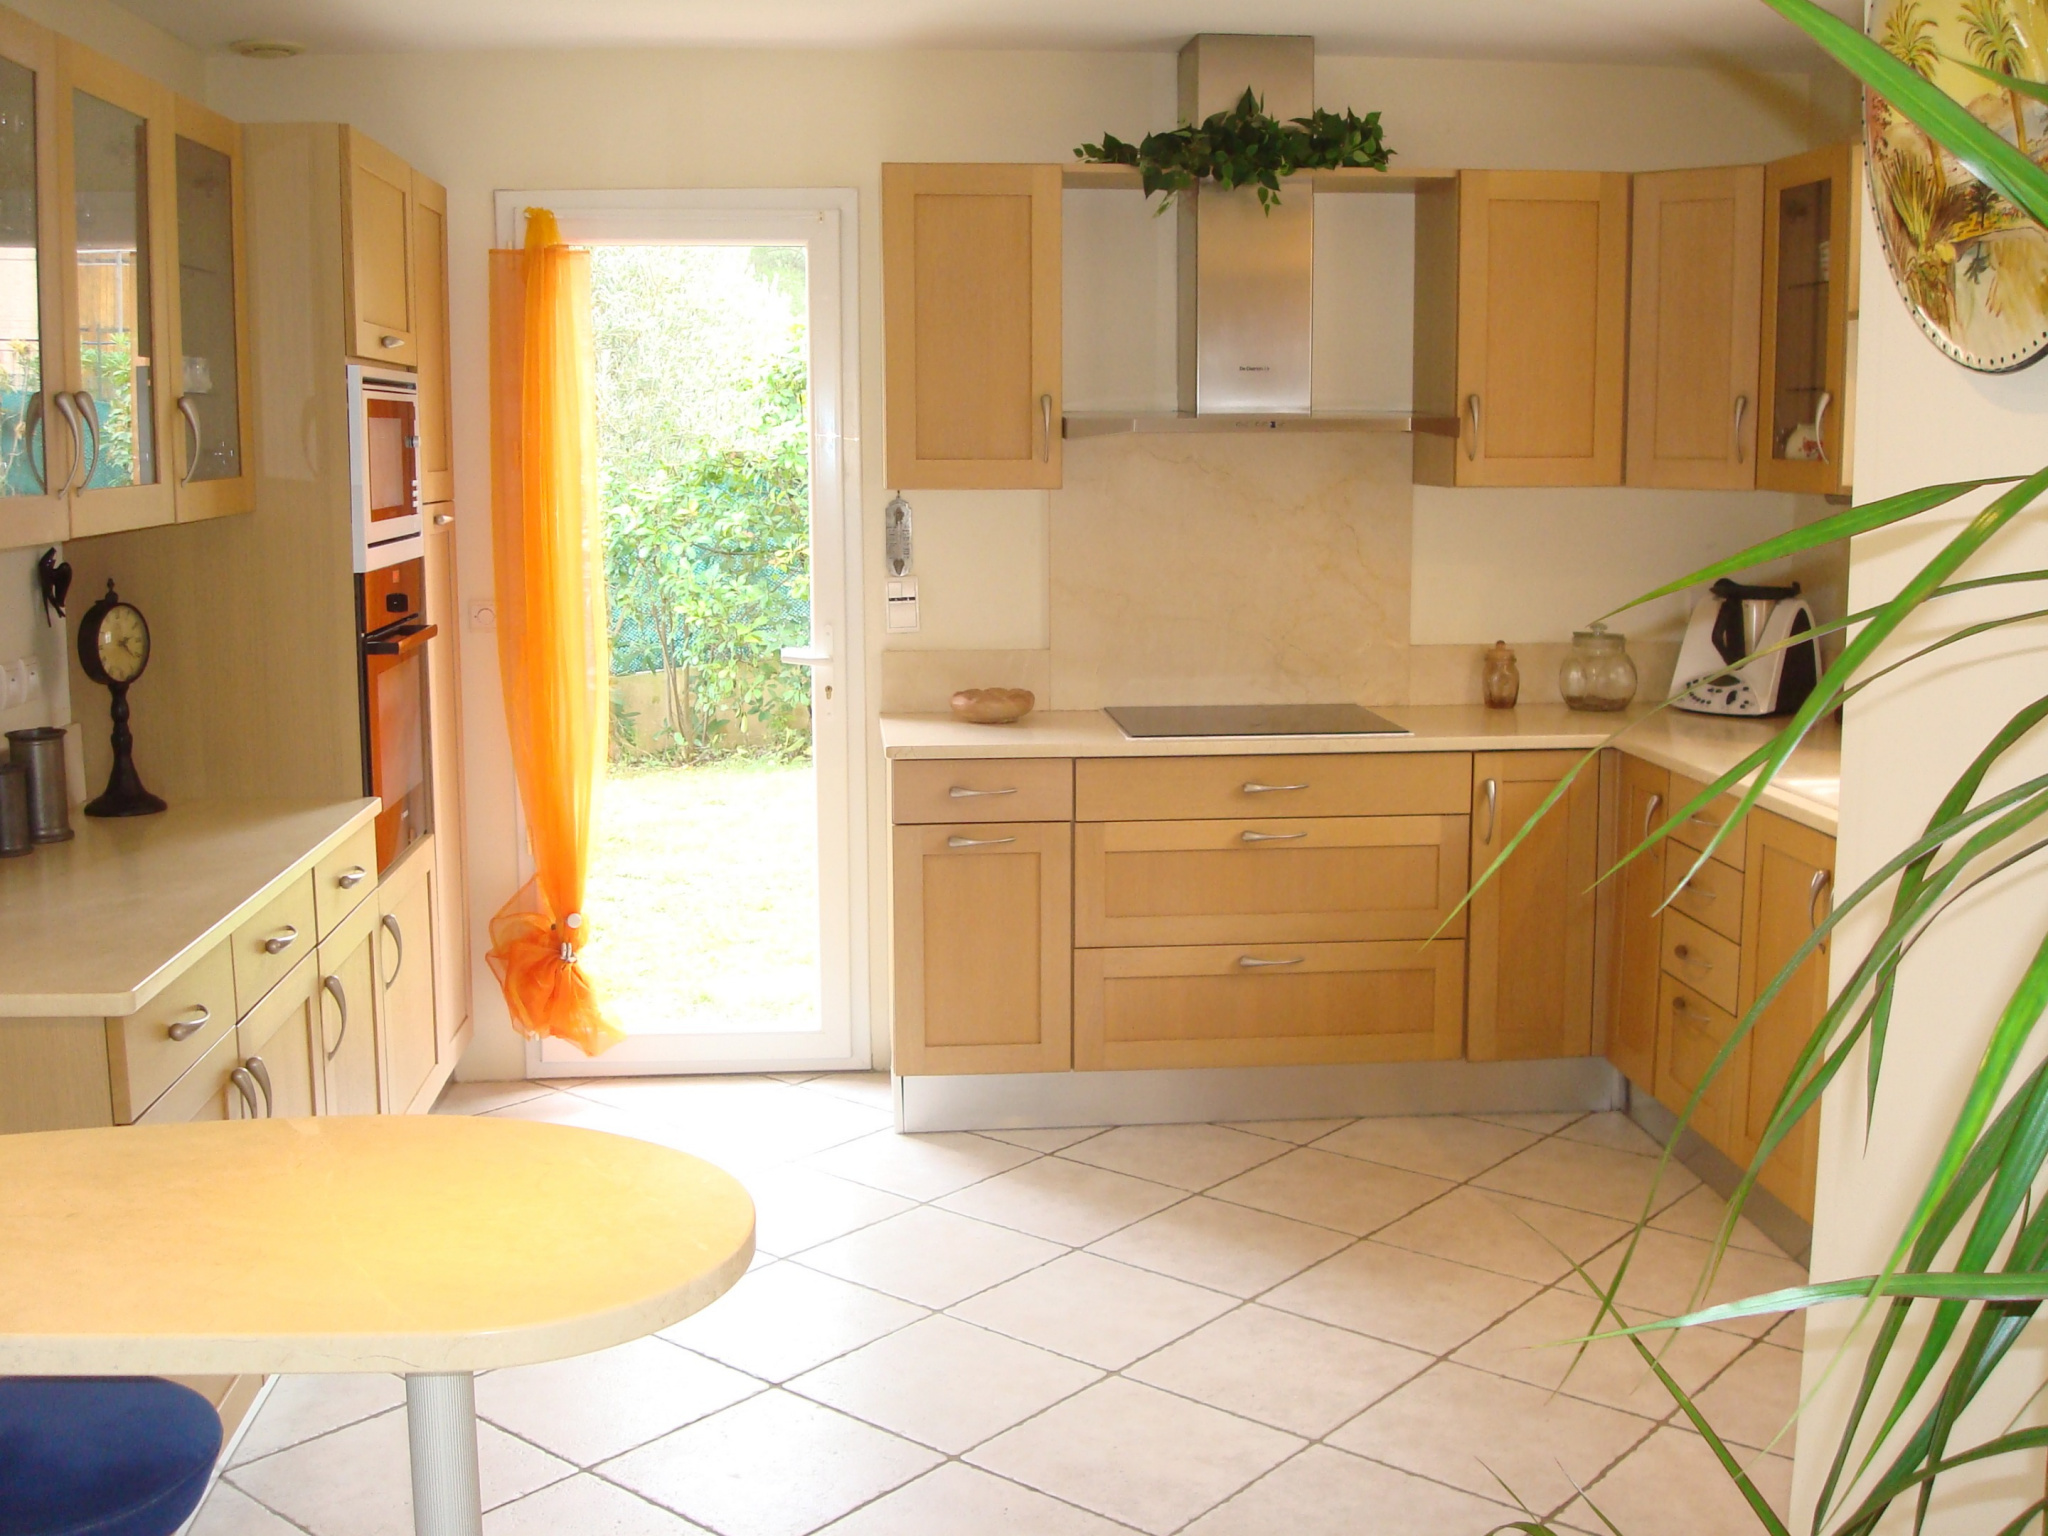 Image_5, Maison / villa, Six-Fours-les-Plages, ref :1211